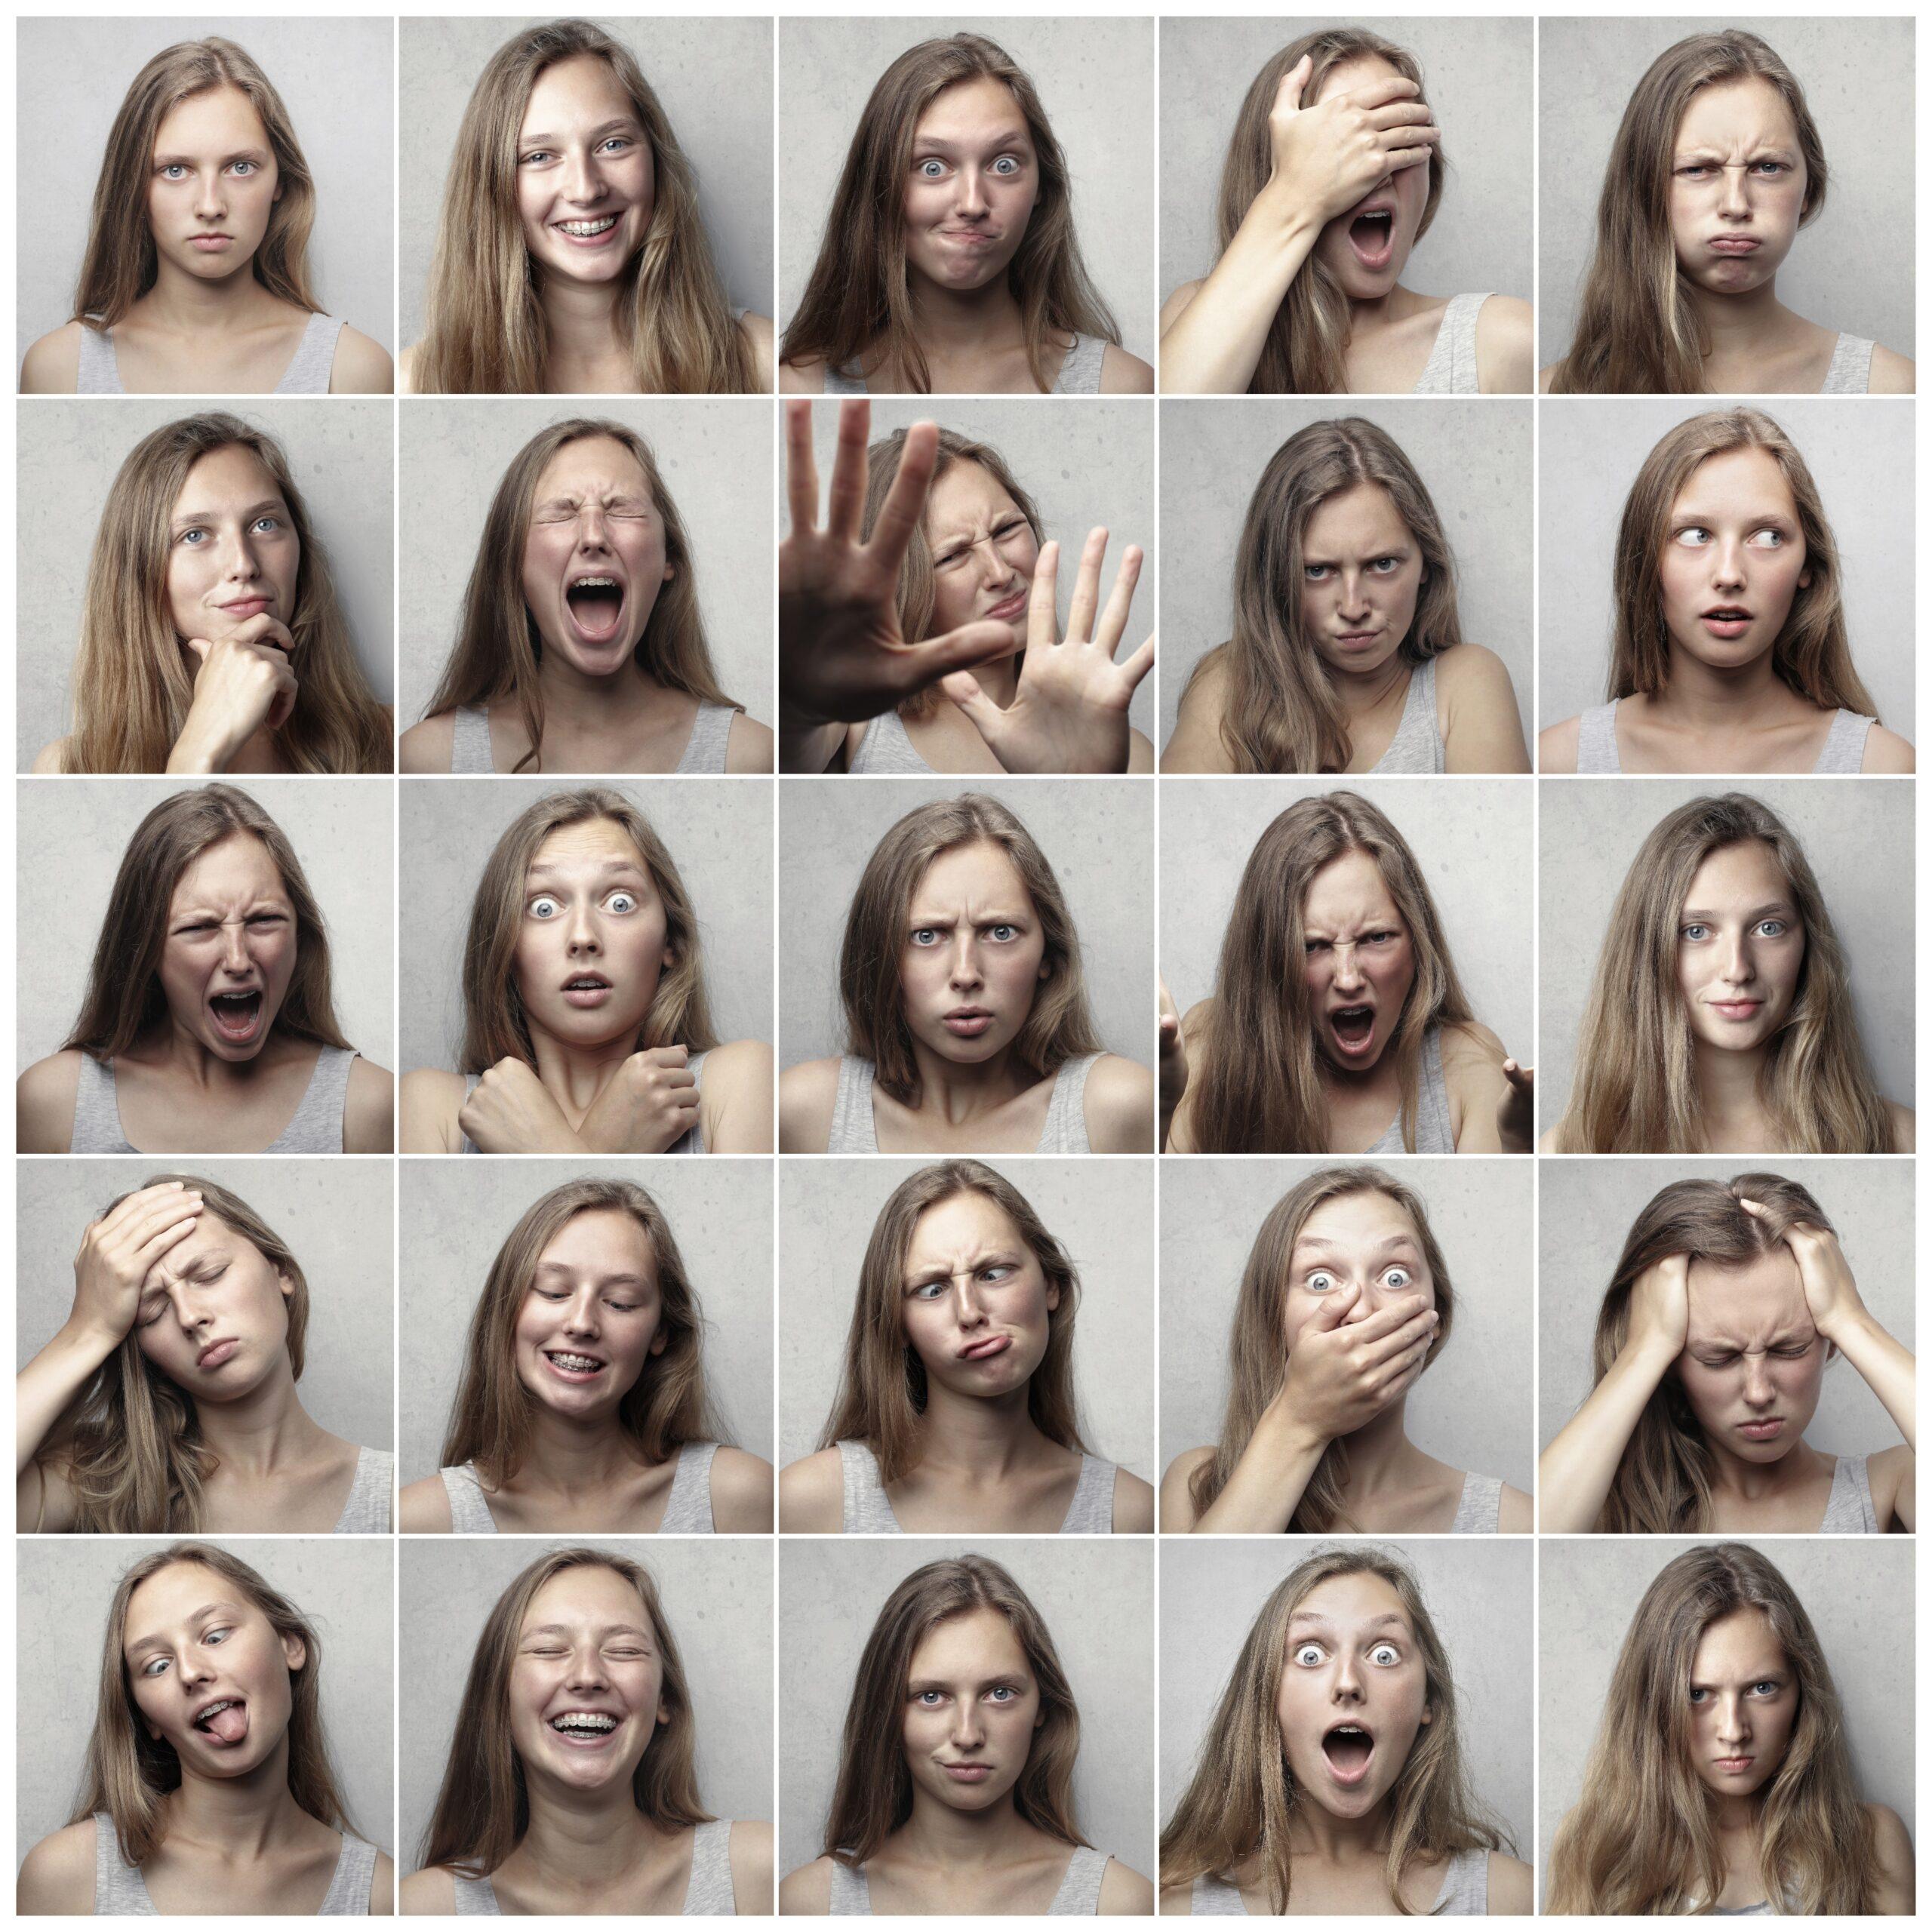 Ejercicio para liberar emociones bloqueadas